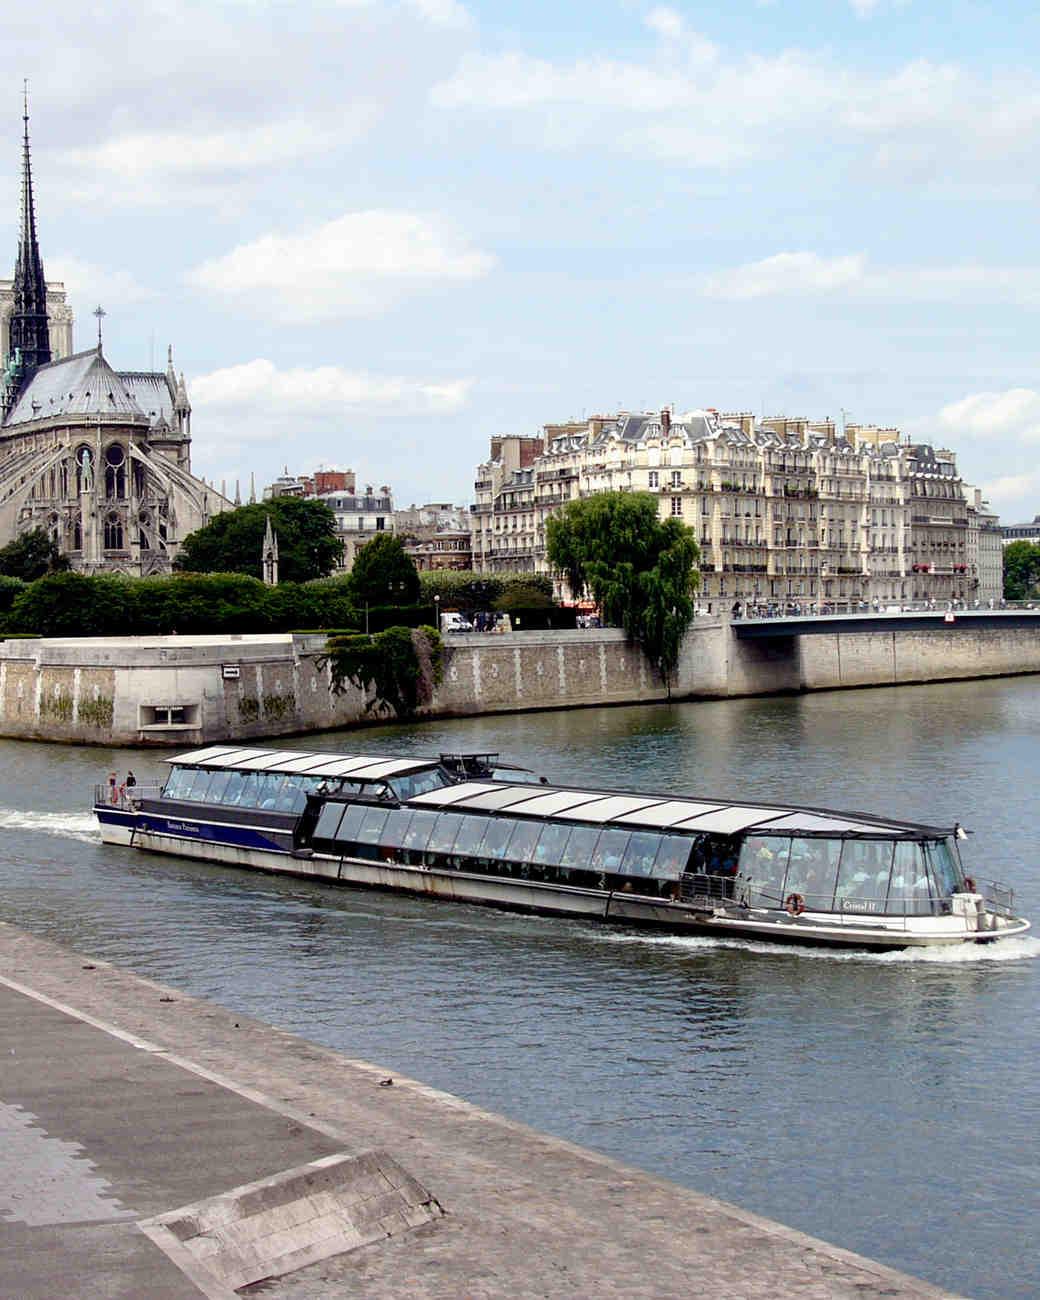 vaux-le-vicomte-bateaux-mouches-0914.jpg